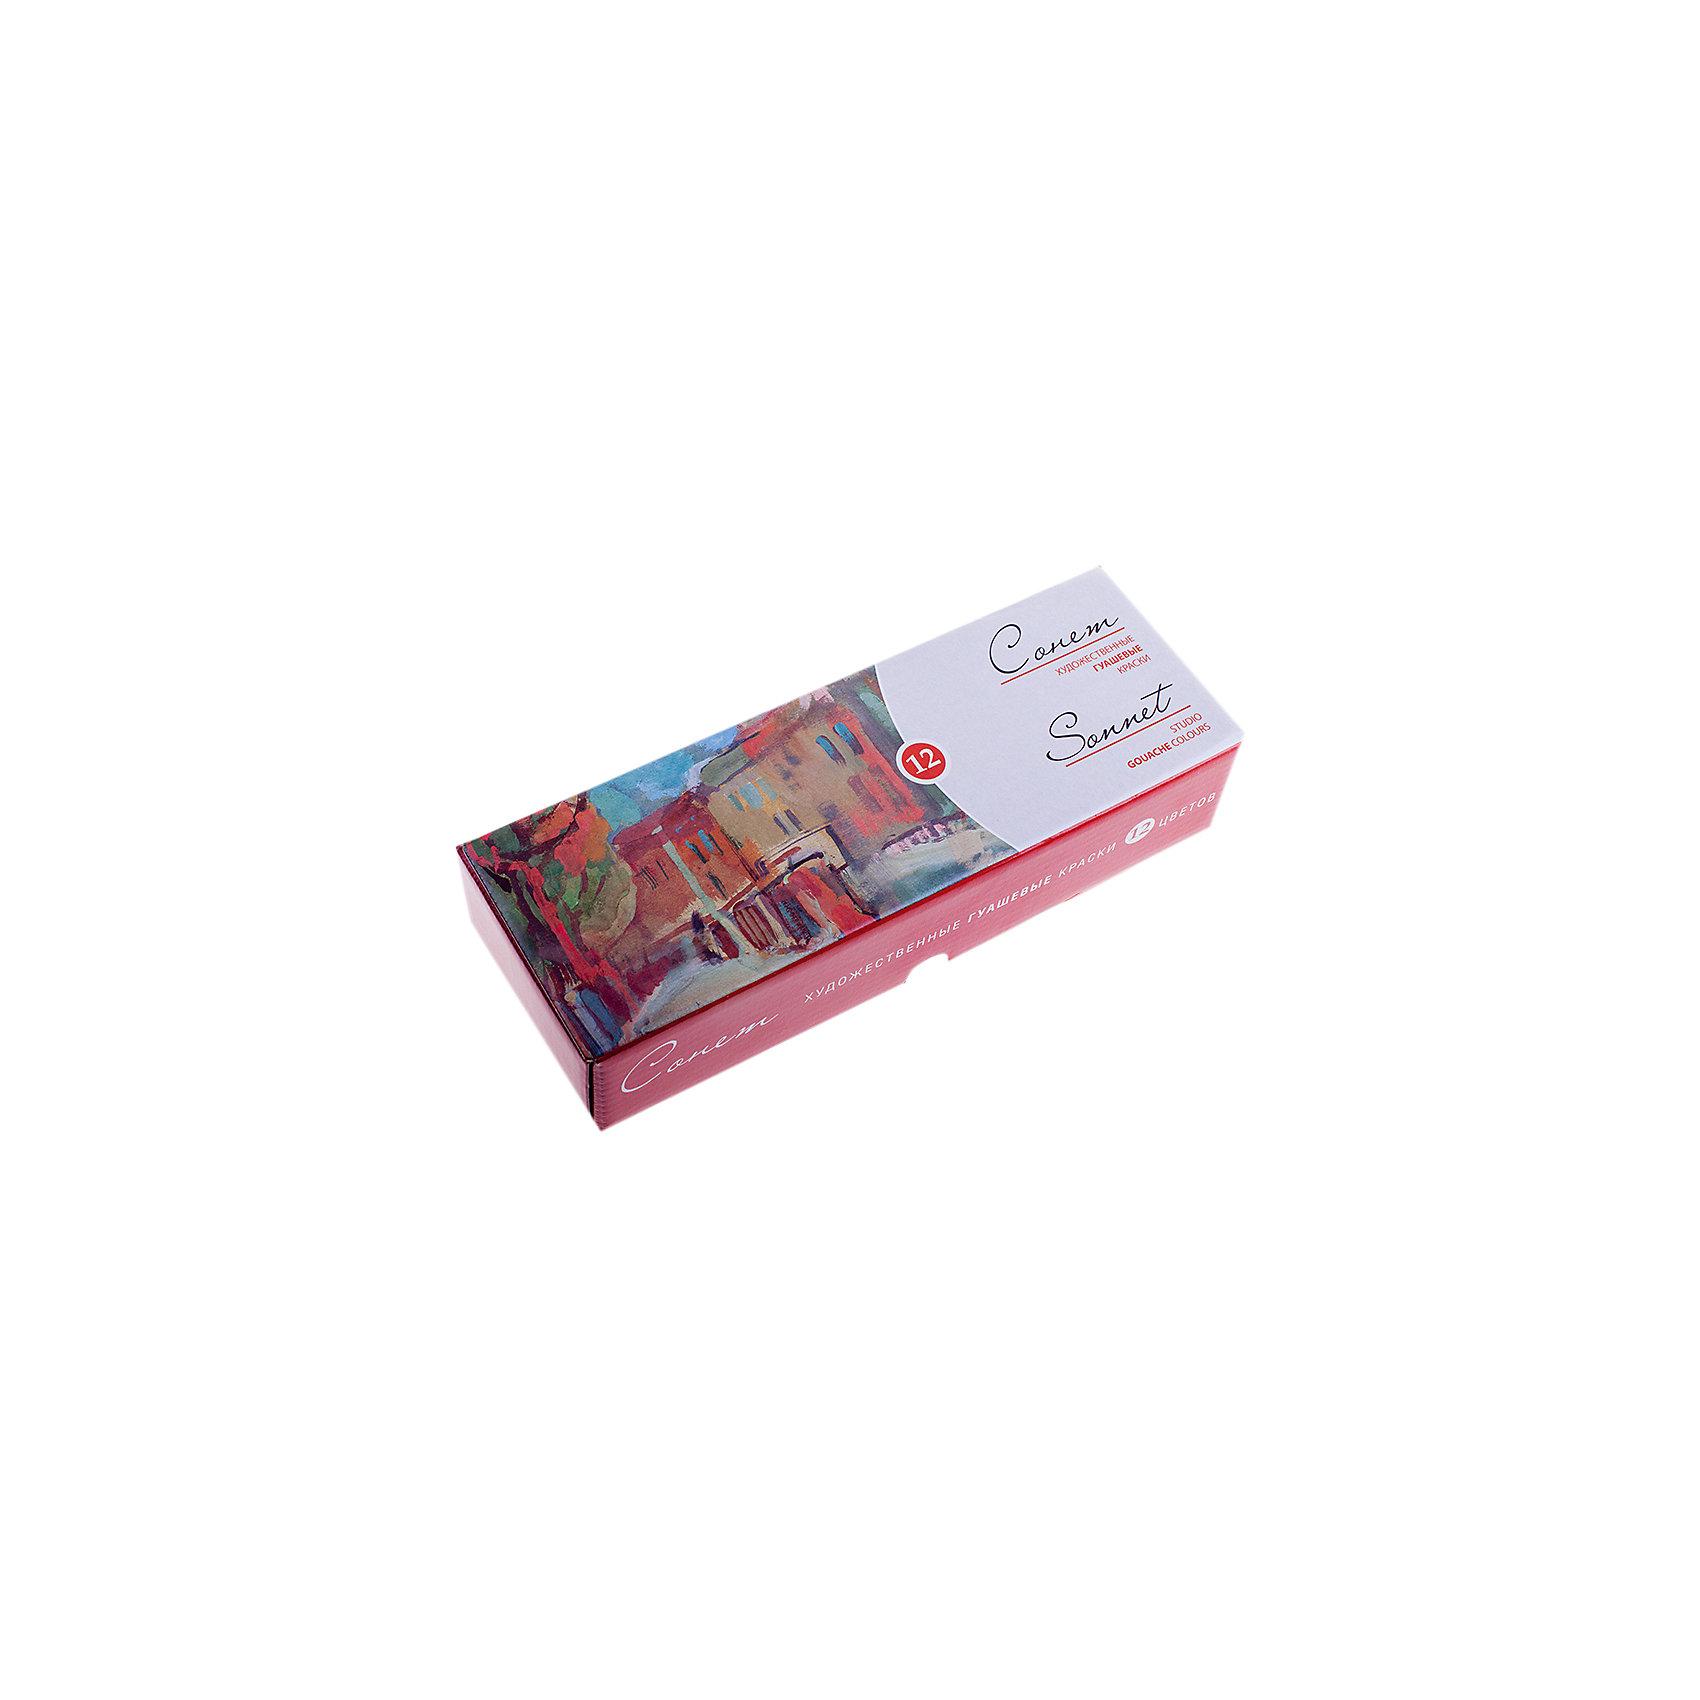 Гуашь 12 цветов 40мл Мастер-КлассРисование и лепка<br>Тип: гуашь<br>Количество цветов: 12 <br>Объем общий: 480<br>Объем емкости: 40<br>Емкость: баночка<br>Упаковка ед. товара: картонная коробка<br>Наличие европодвеса: нет<br>Набор гуашевых красок, 12 цветов.<br><br>Ширина мм: 270<br>Глубина мм: 90<br>Высота мм: 50<br>Вес г: 1013<br>Возраст от месяцев: 84<br>Возраст до месяцев: 2147483647<br>Пол: Унисекс<br>Возраст: Детский<br>SKU: 7044228